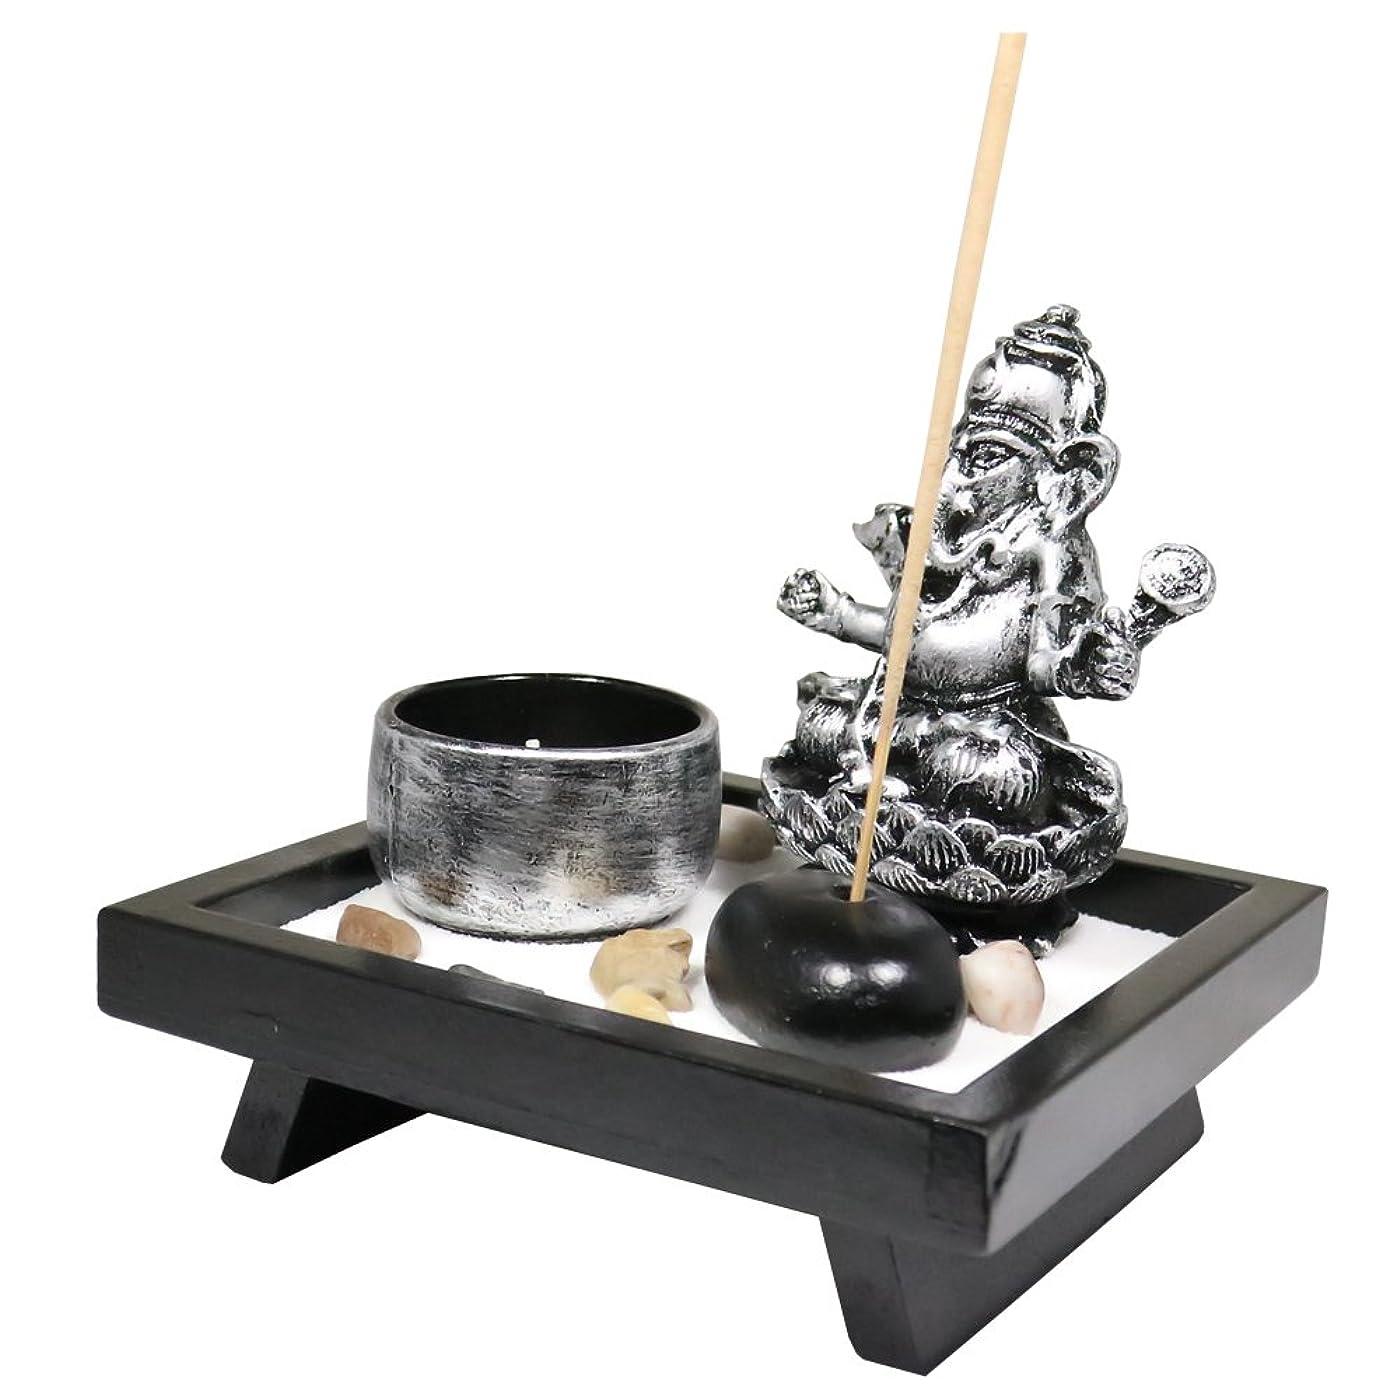 厳しい寄付するファブリック(Ganesha small) - Tabletop Incense Burner Gifts & Decor Zen Garden Kit with Statue Candle Holder USA SELLER (Ganesha small)